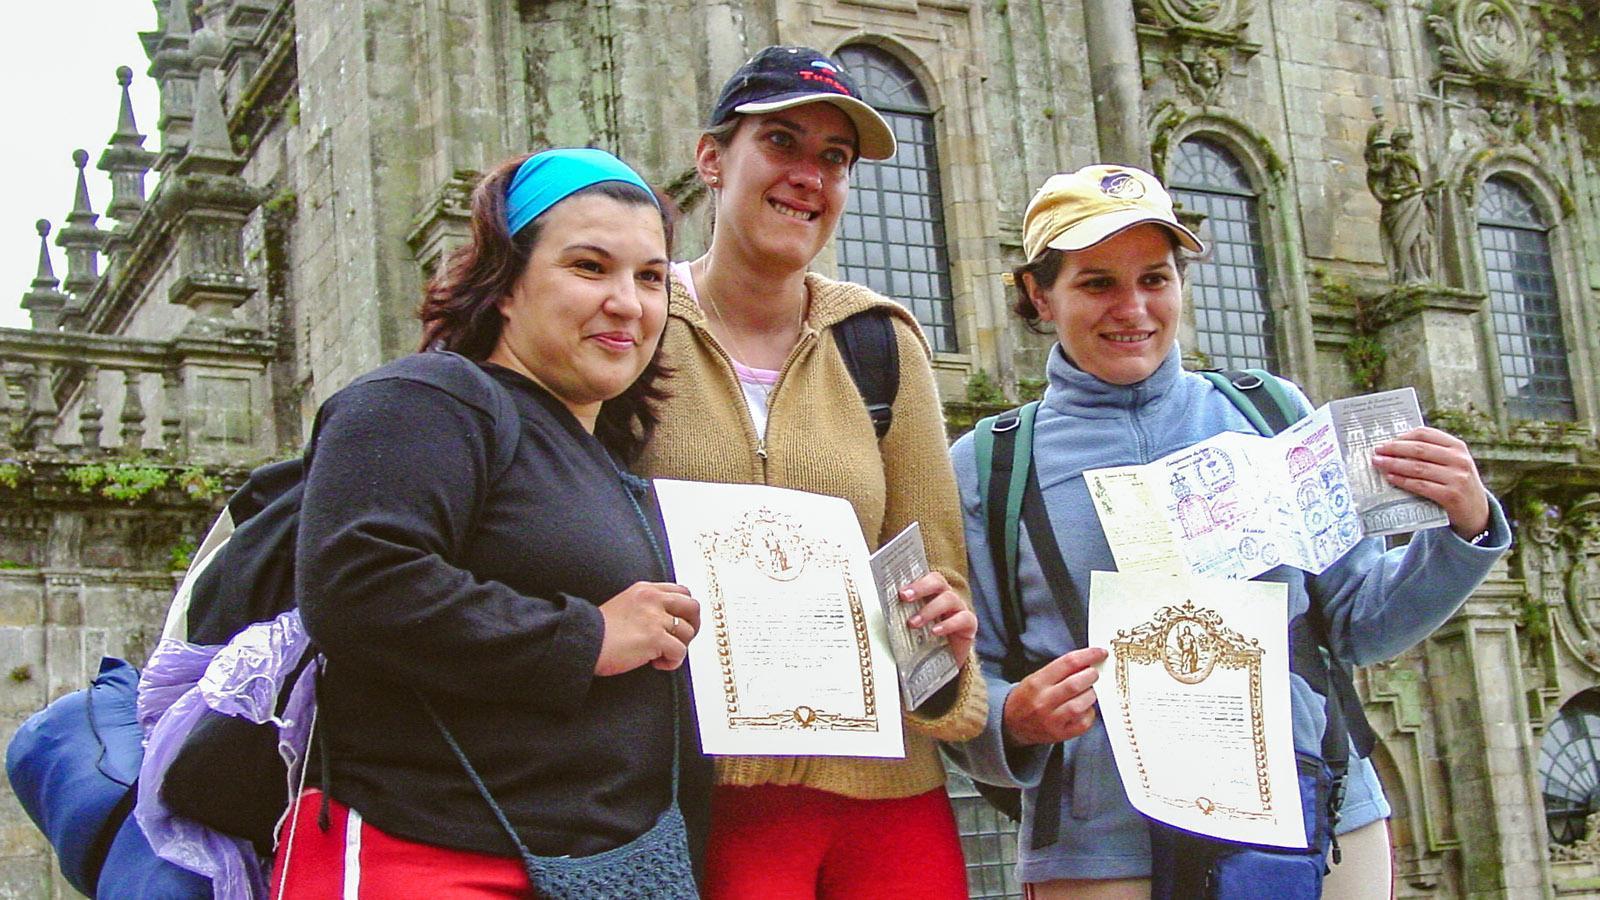 Jakobsweg: Sie haben ihn bewältigt, die drei Pilgerinnen, und zeigen stolz ihre Pilgerurkunde. Foto: Hilke Maunder